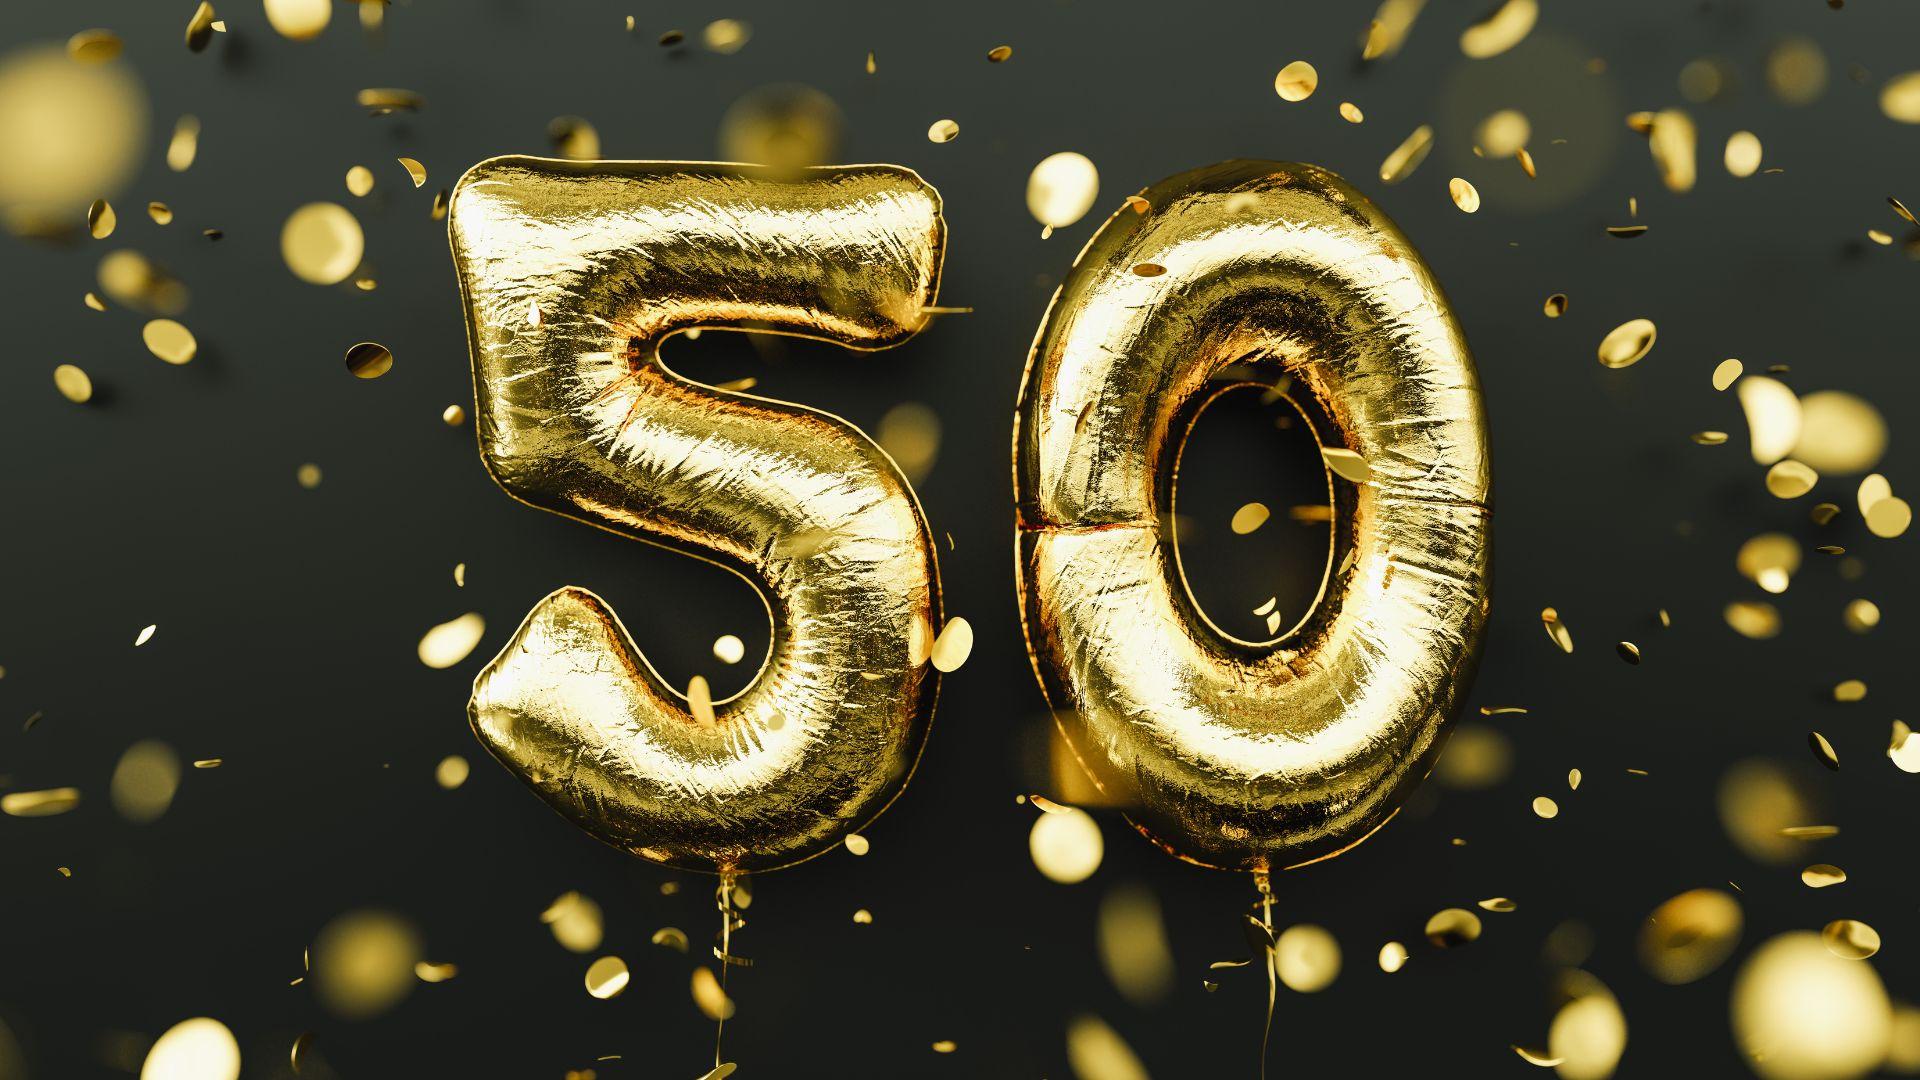 50º Aniversário Meio Século De Vida Ninguém Nunca Esquece